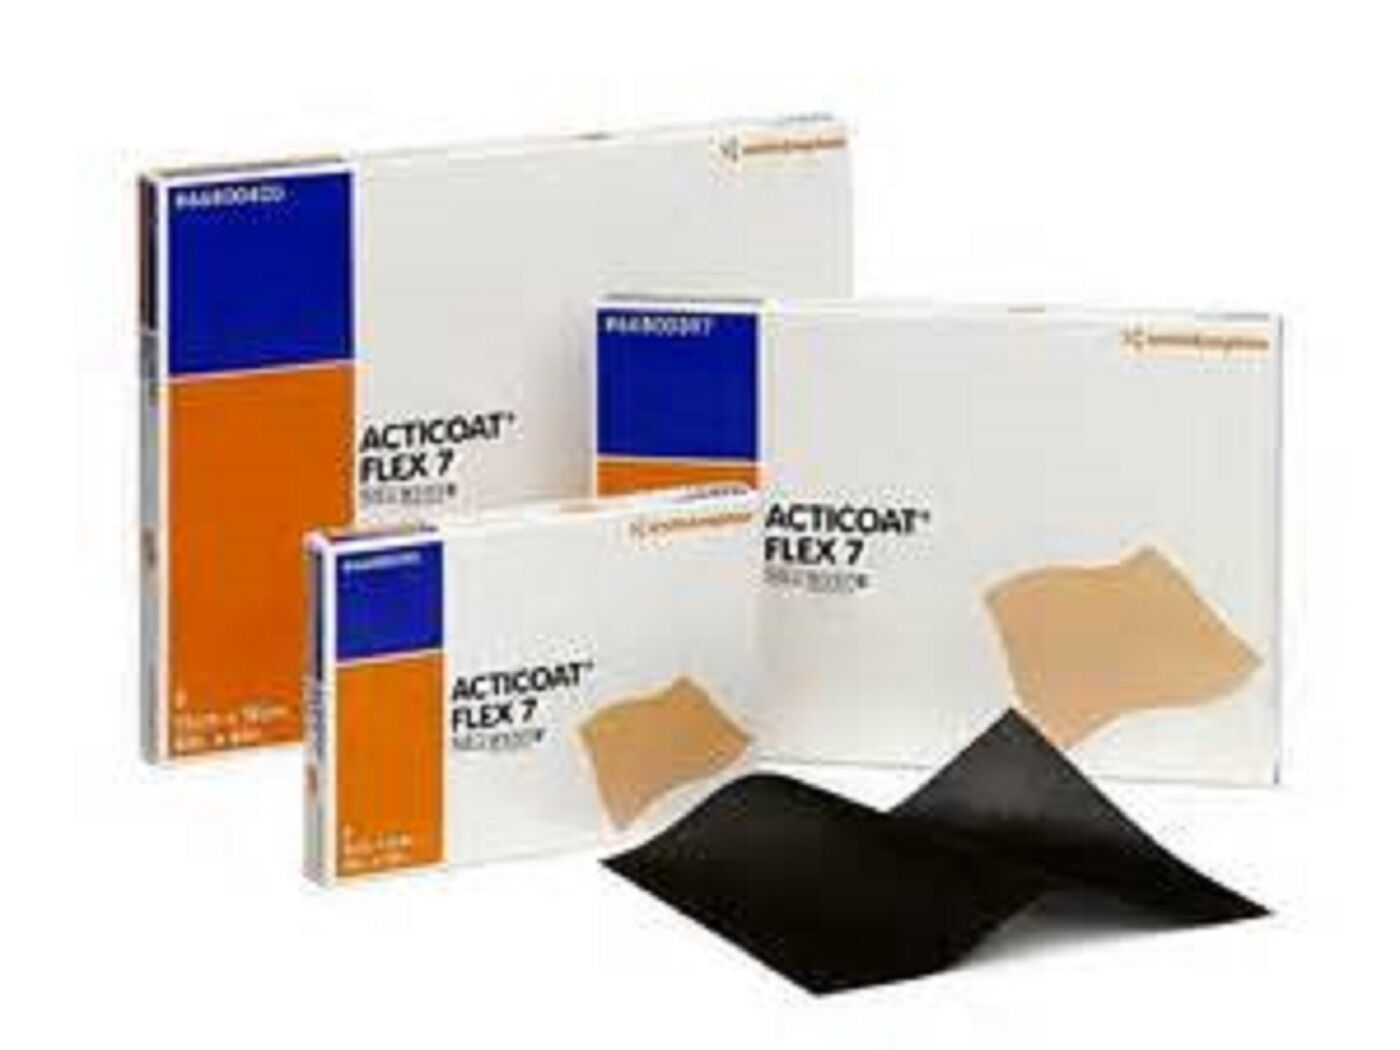 Allevyn Acticoat 10cm x 10cm x 5, Service Premium, Schneller Versand